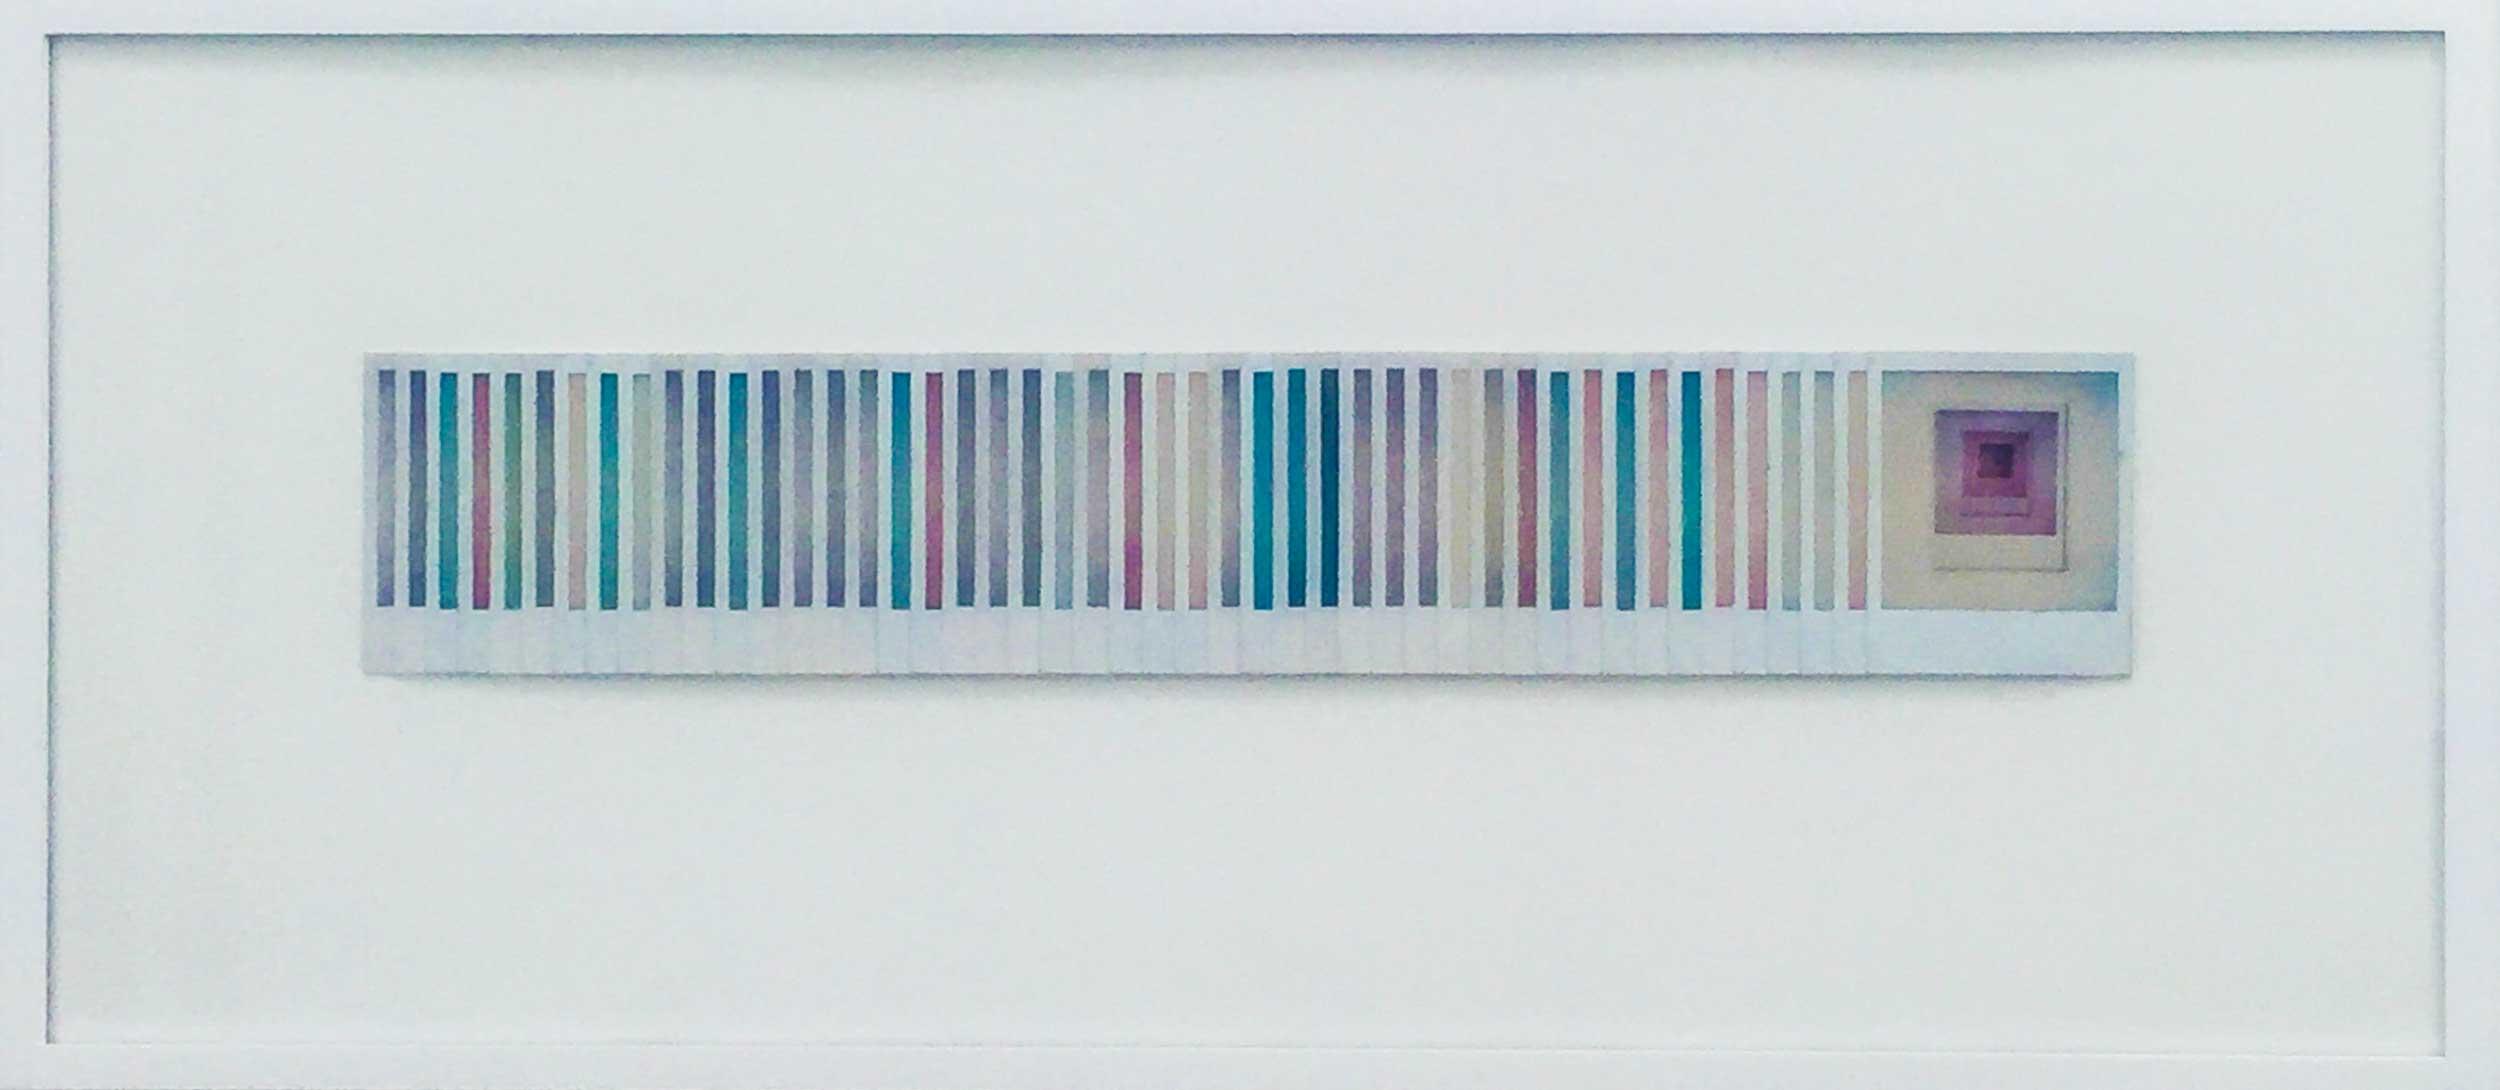 Pedro Terán, 0-1 Polagramas, 1988-1989 Polaroid SX70. Vintage. 37 x 102 cm. Cortesía: Instituto de Visión, Bogotá, 2016